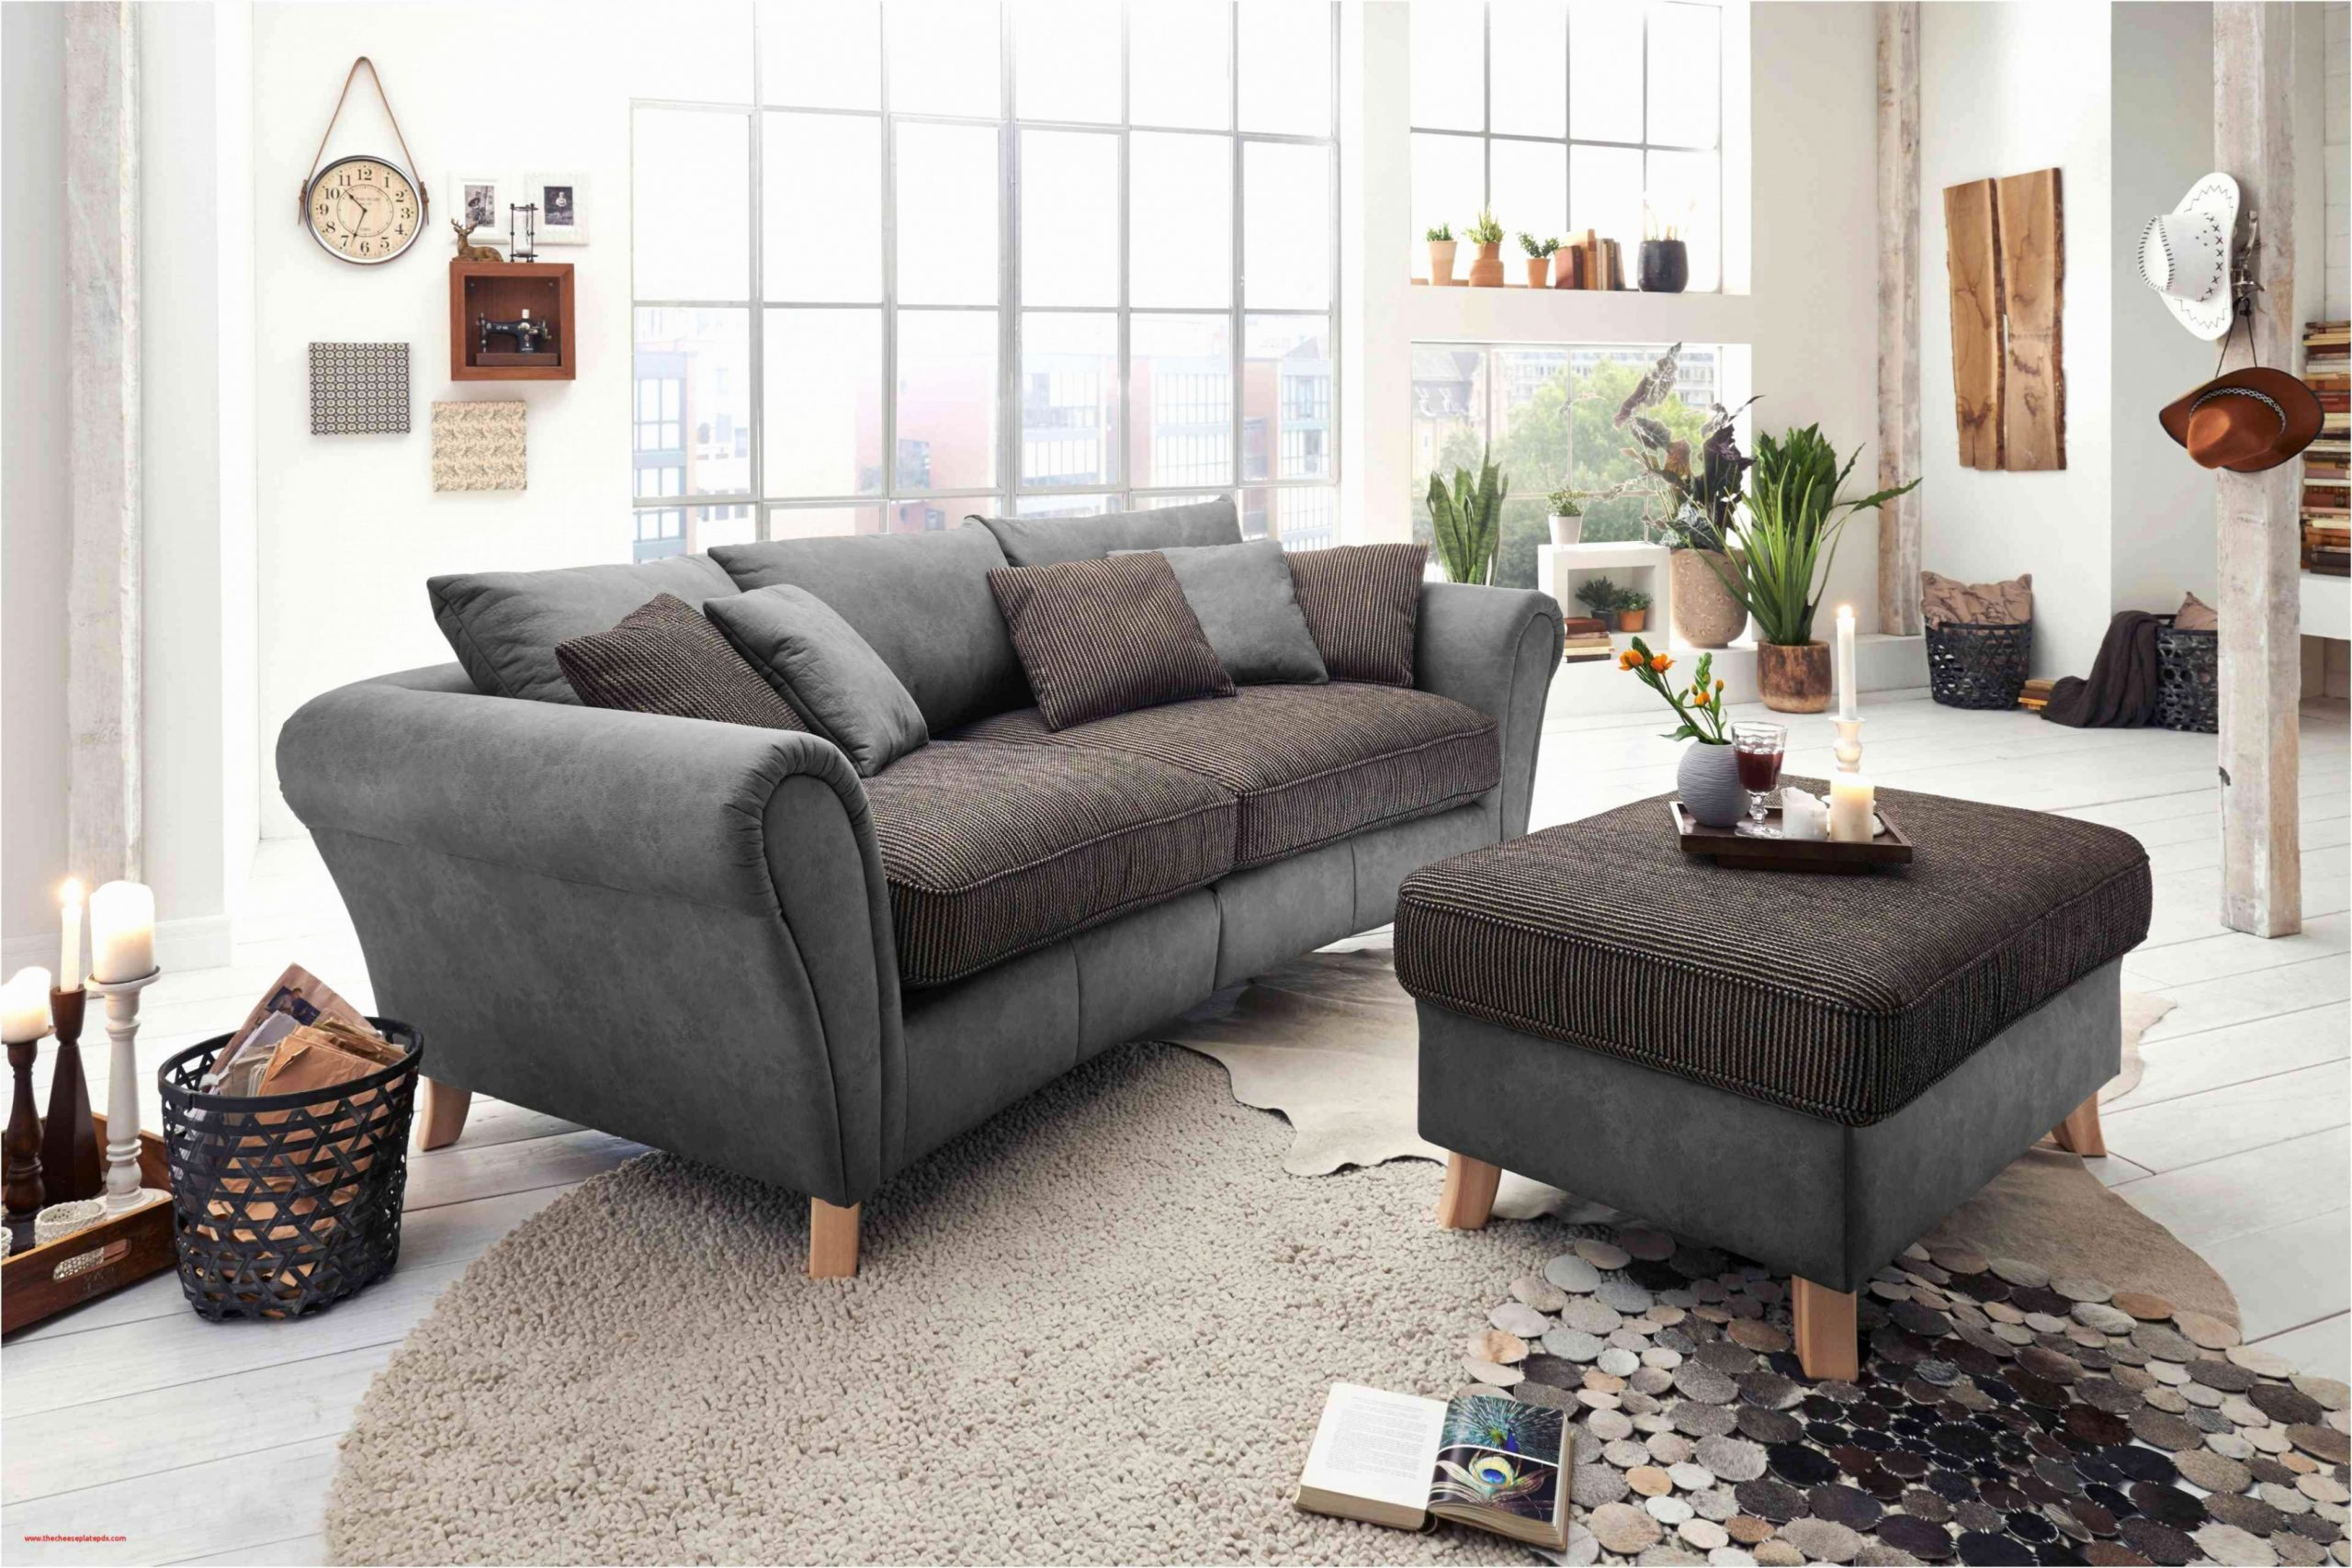 Full Size of Braune Couch Wohnzimmer Dekor Herrliche Couch Braun Beste Decken   Sofa Vor Fenster Wohnzimmer Wohnzimmer Decken